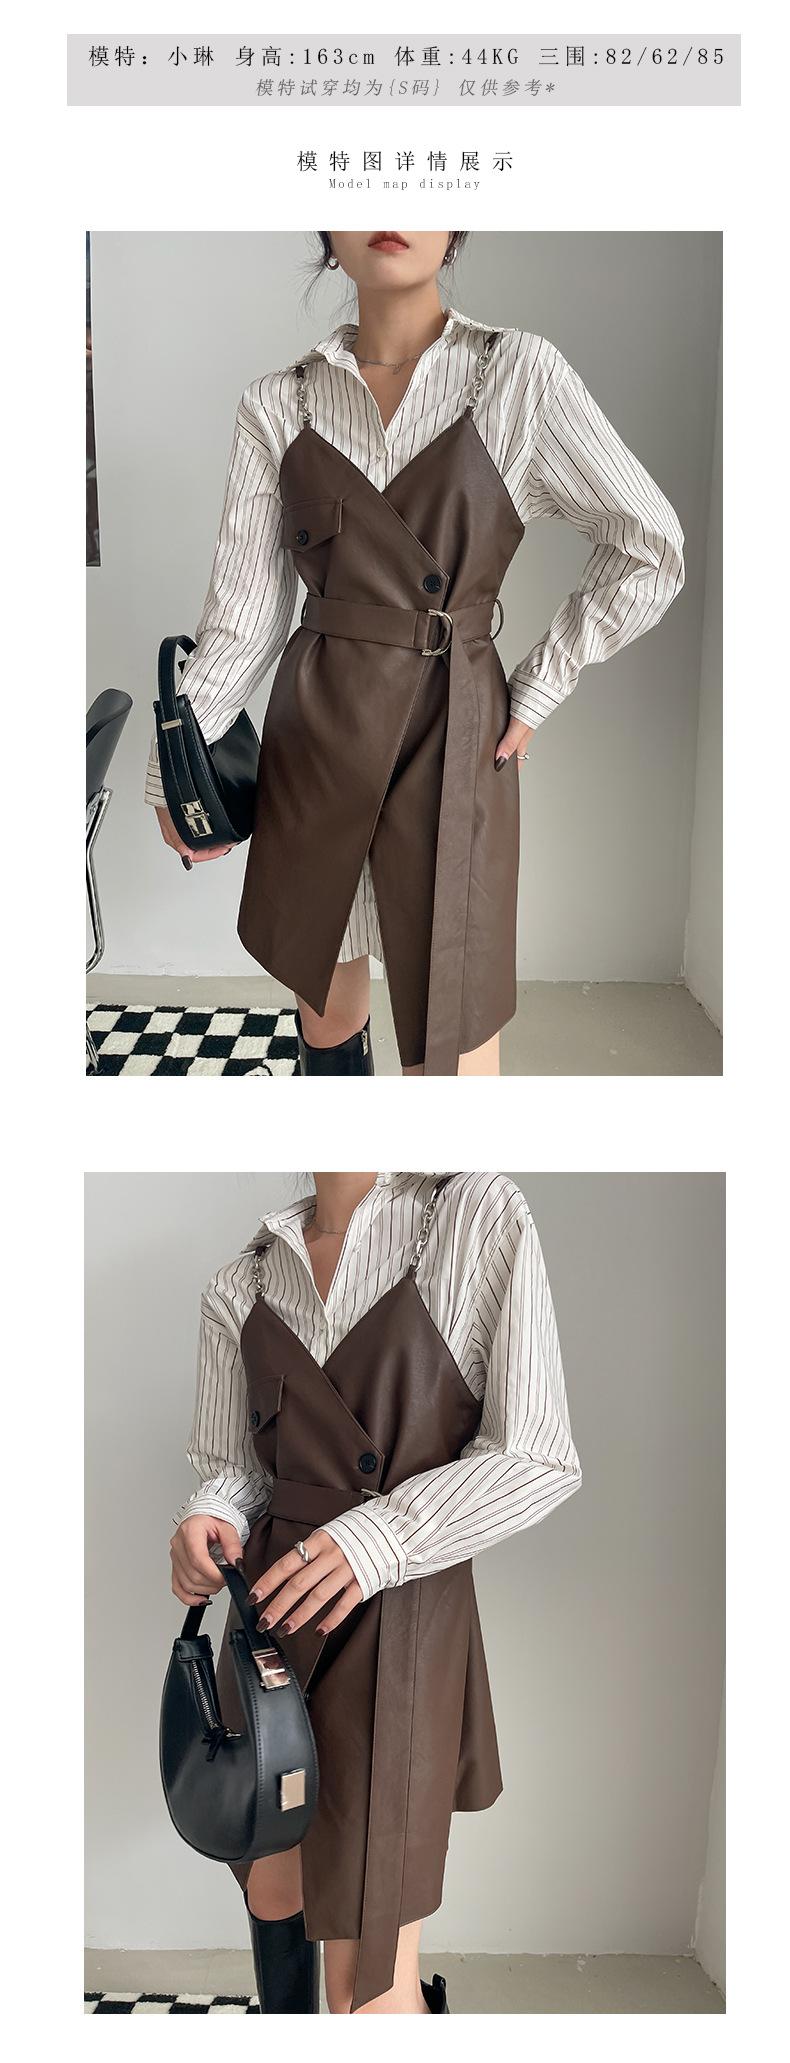 YK8耀客秋冬套装系列 休闲减龄连衣裙套装 咖啡色 款号:of-2531